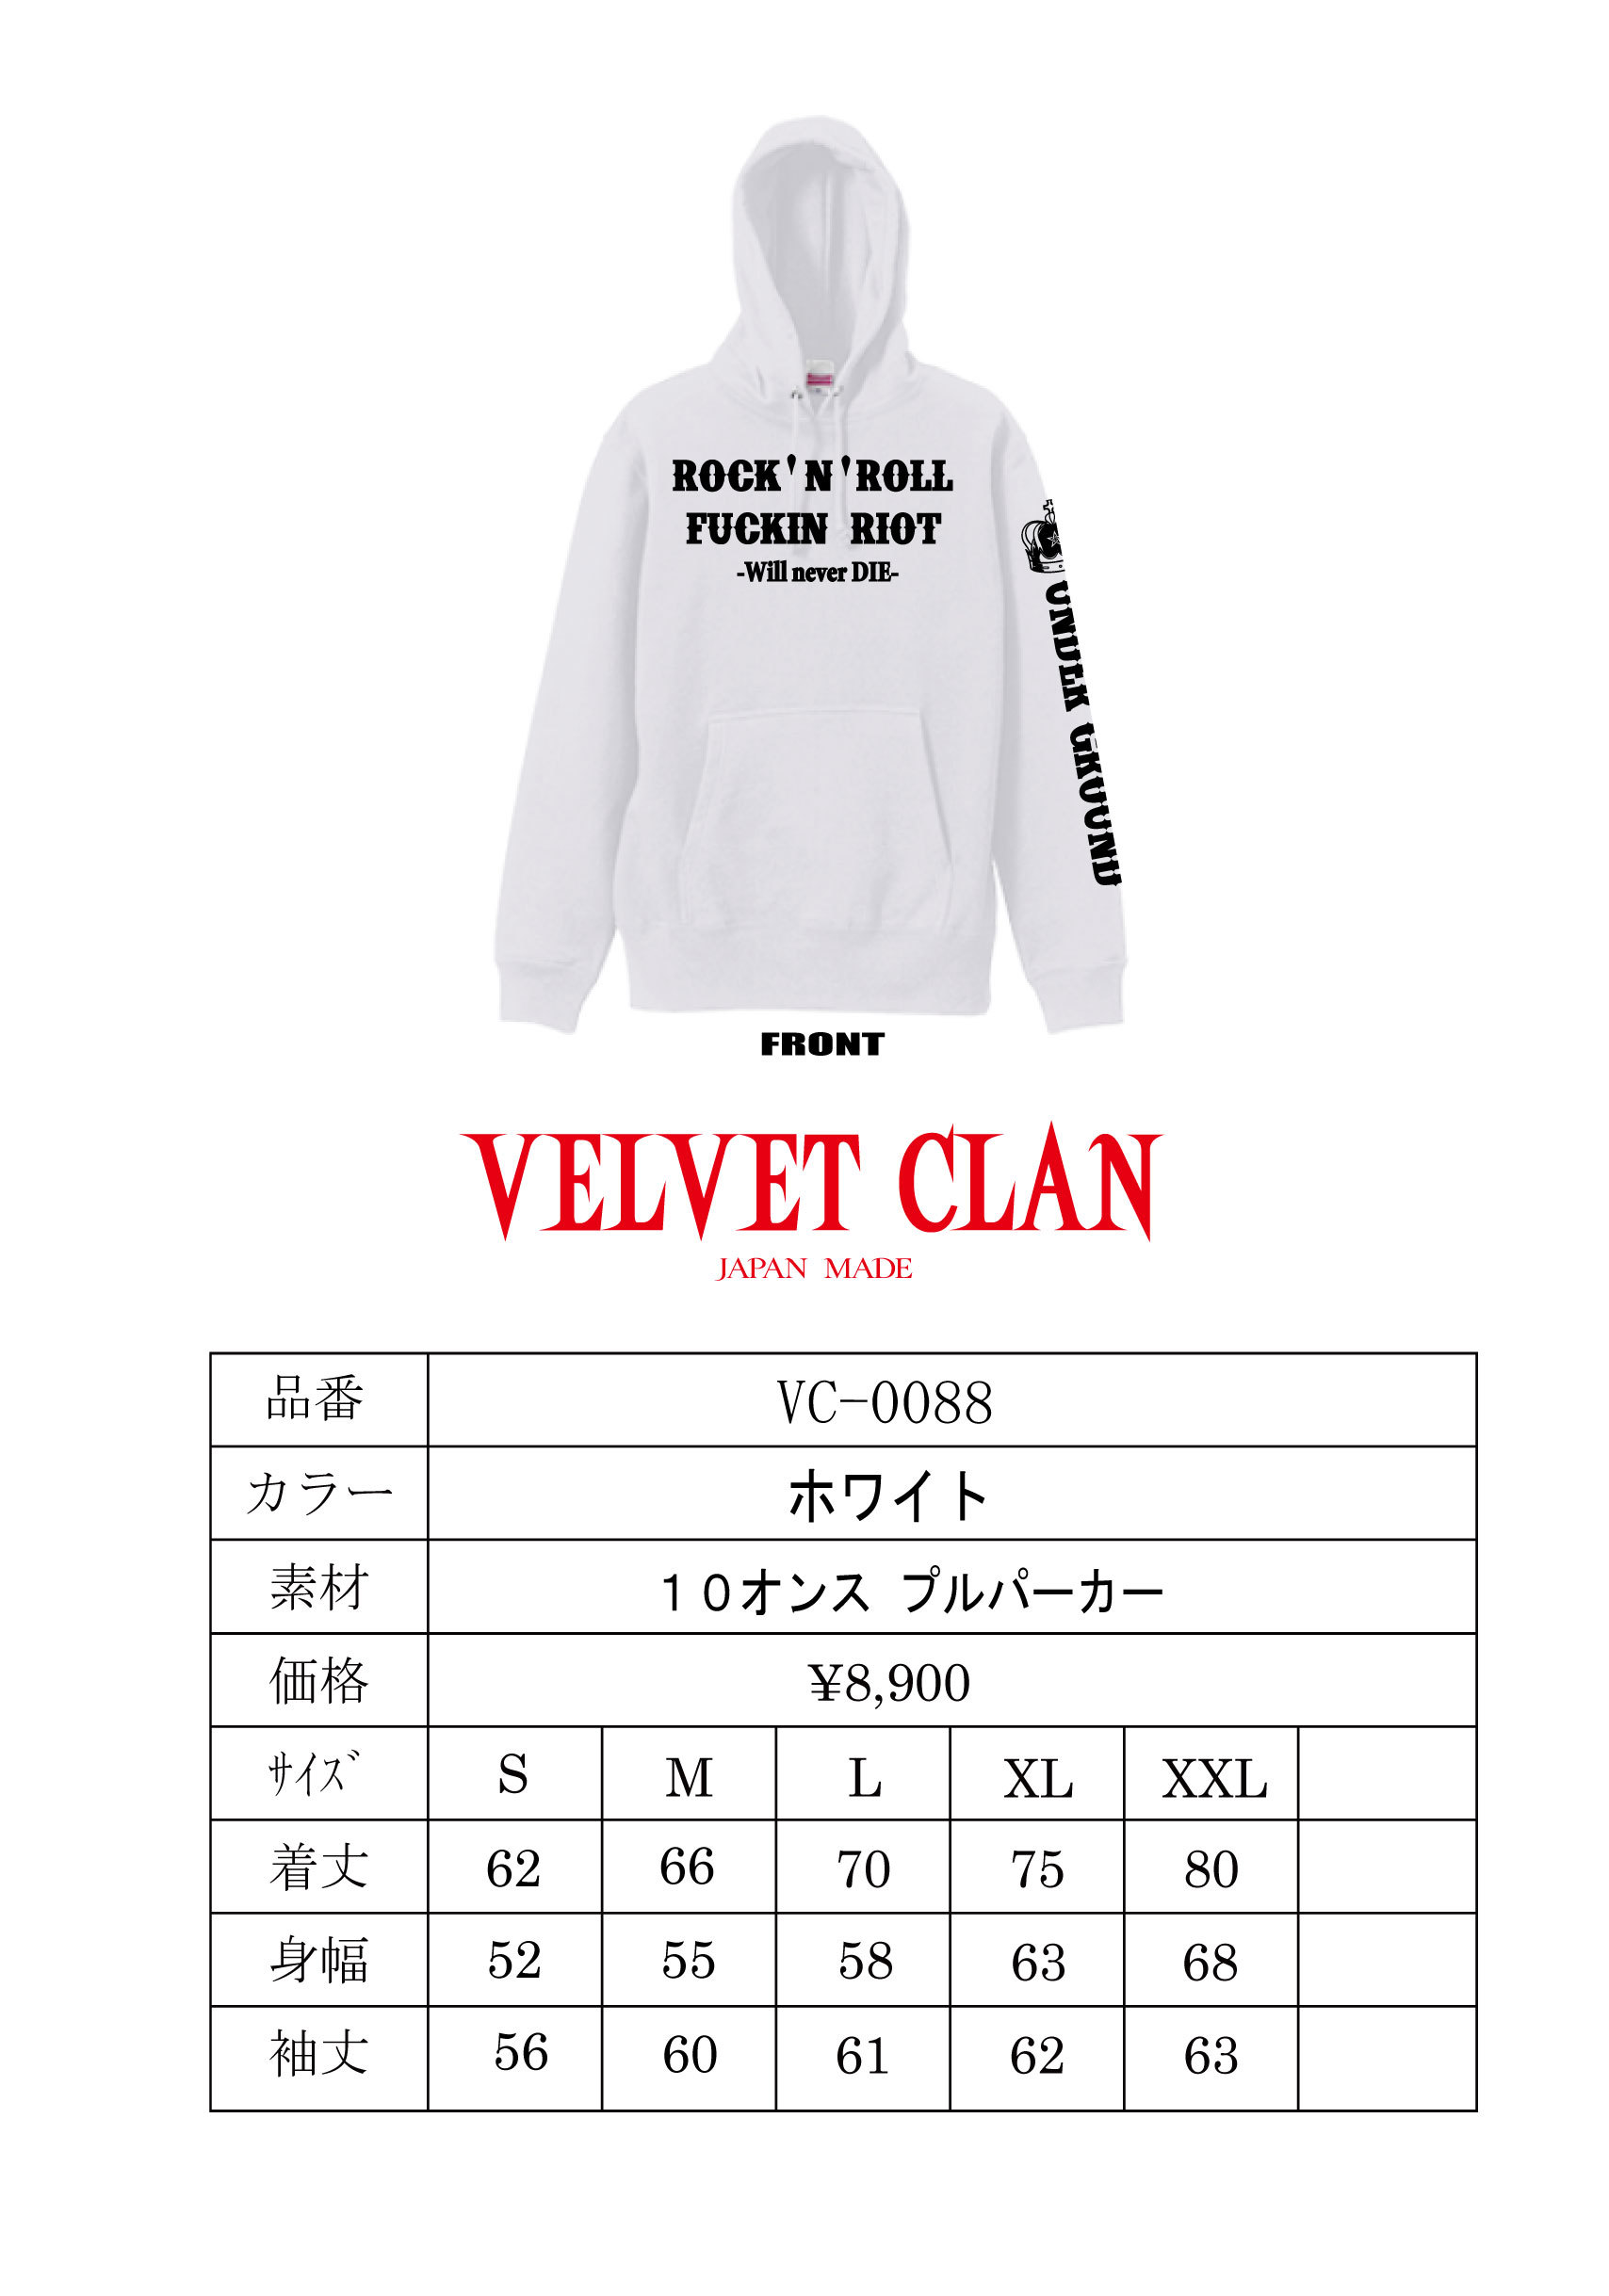 VELVET CLAN 5周年特別企画【第二弾】詳細_b0335651_19431542.jpg